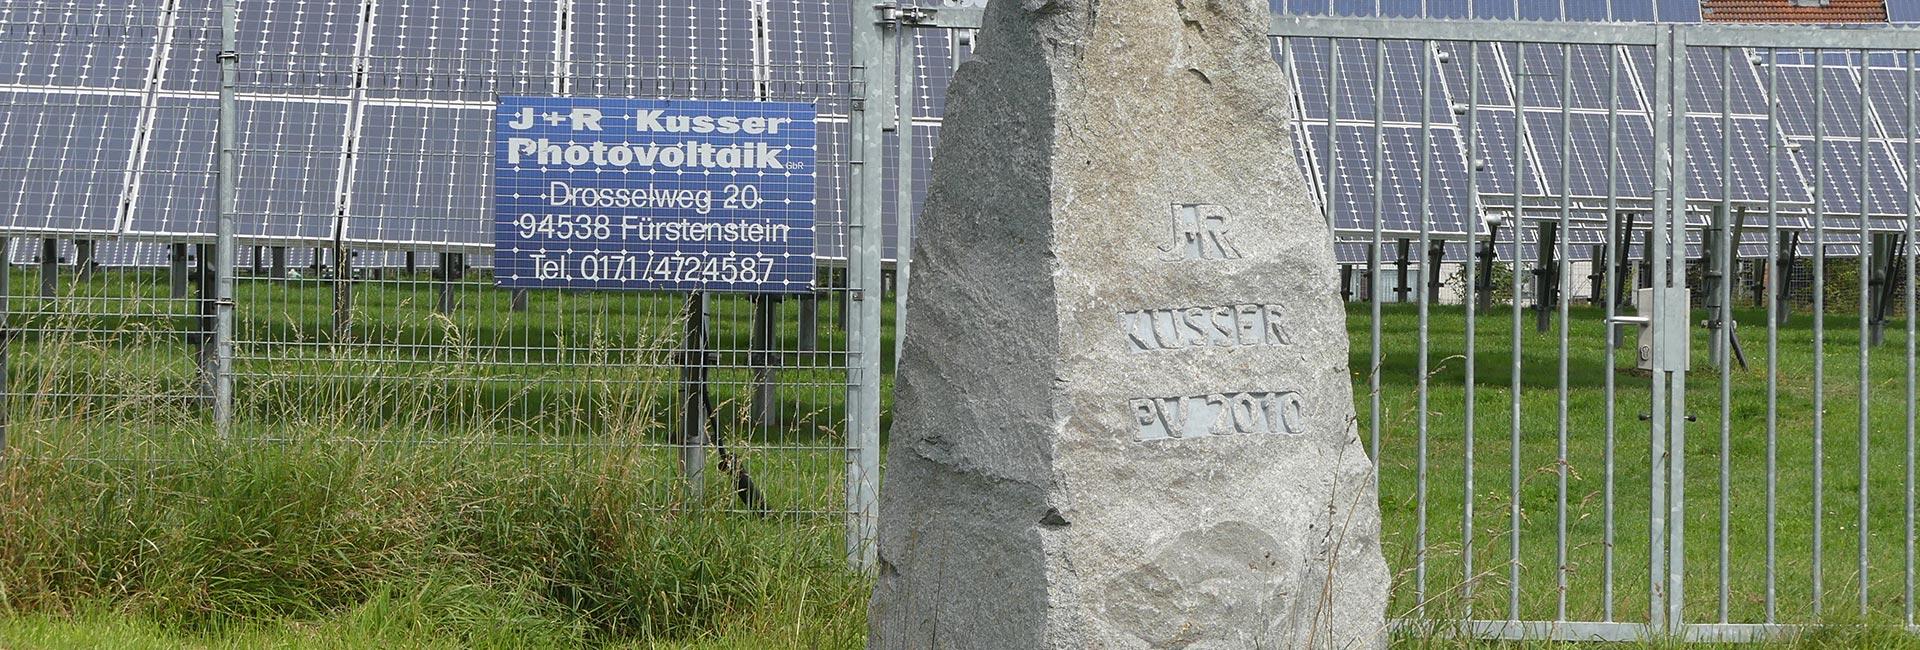 J+R Kusser Granit GmbH in Fürstenstein nahe Passau